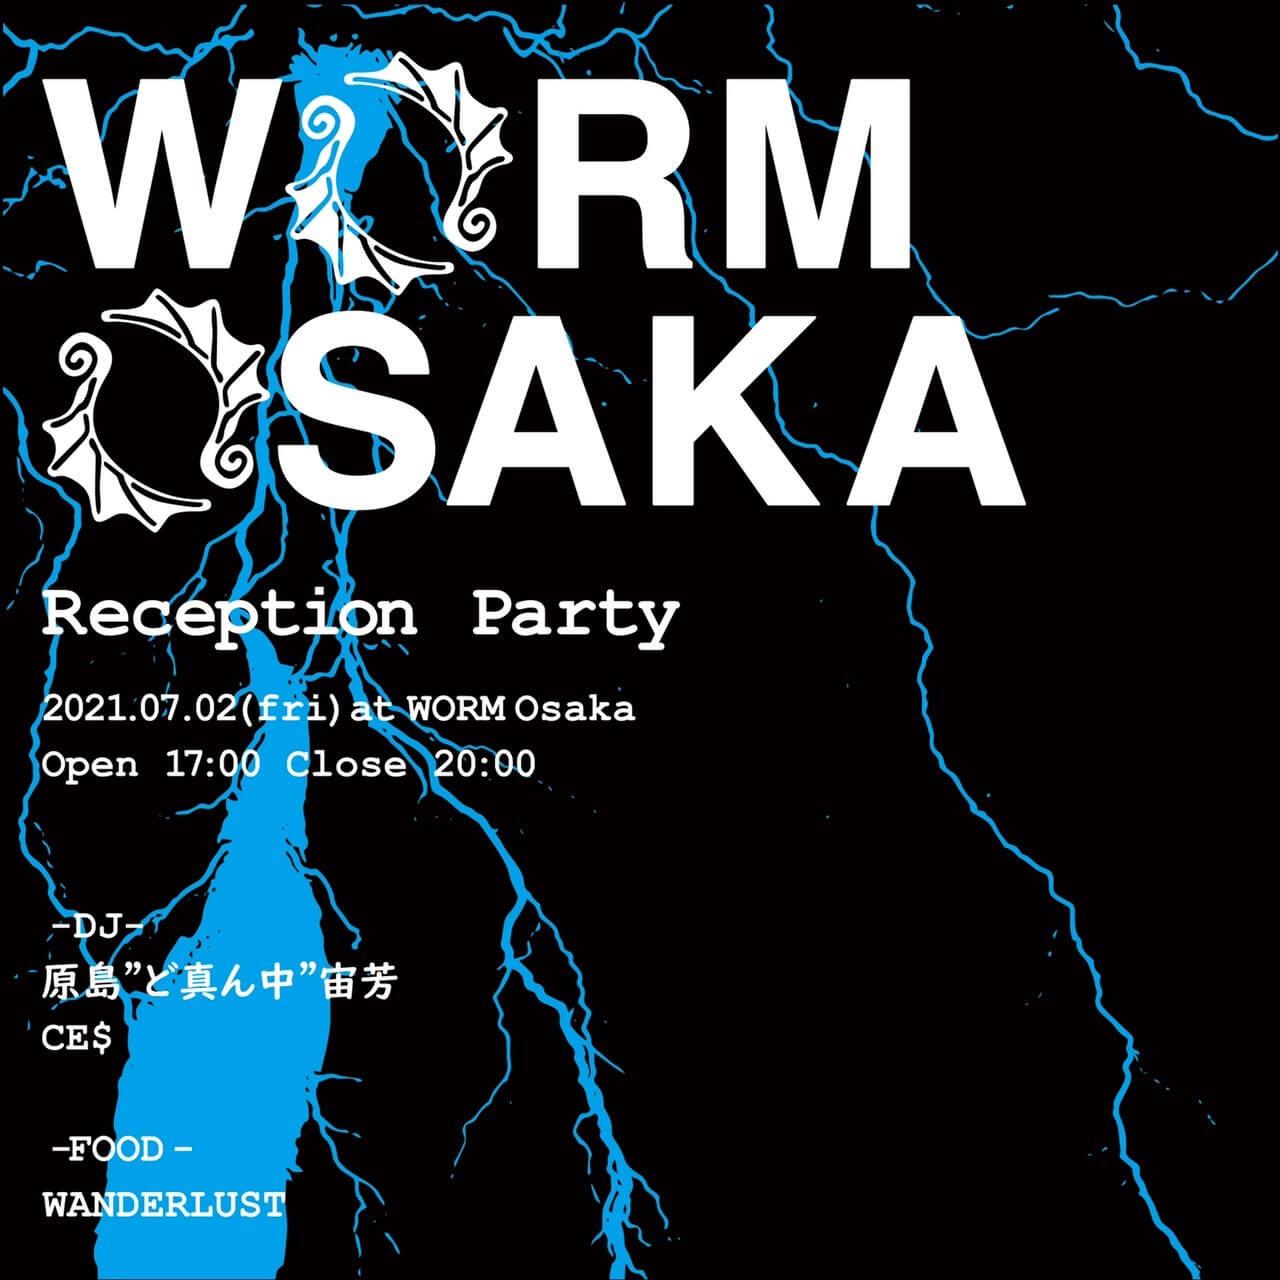 """唯一無二の品揃えを誇るスニーカーショップWORM OSAKAがオープン!レセプションにはCE$、原島""""ど真ん中""""宙芳が出演 life-fashion210701-worm-osaka-7"""